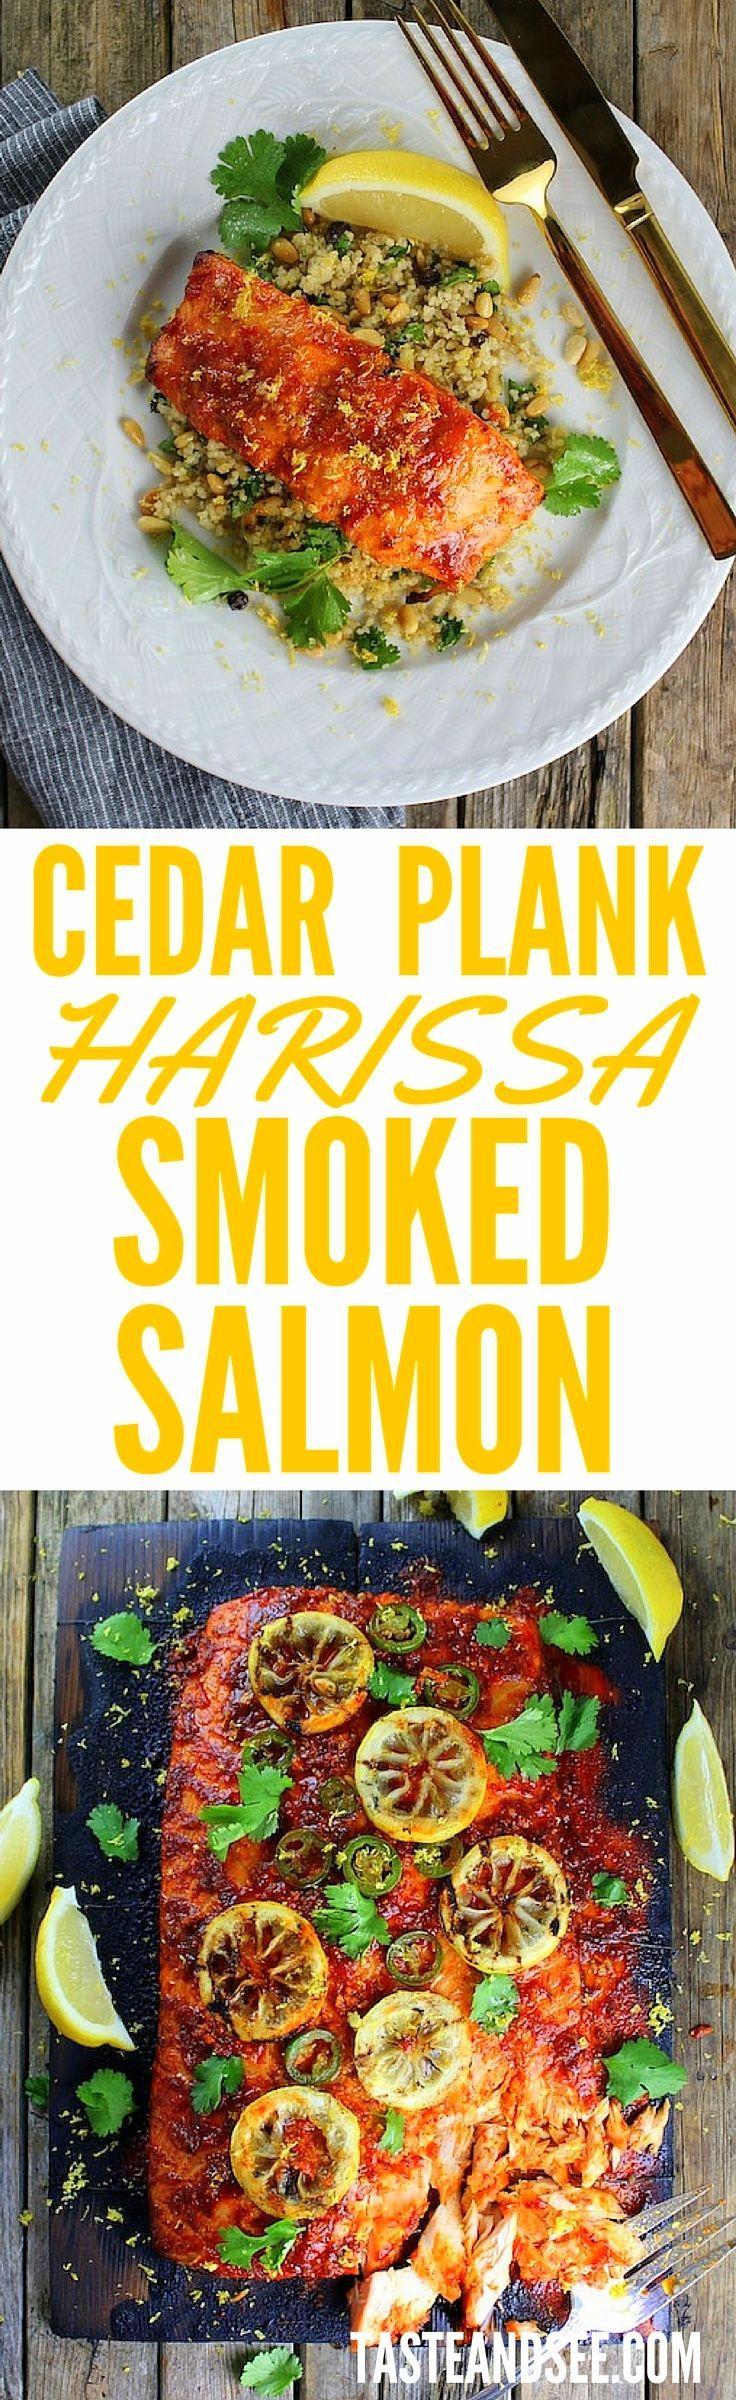 Smoked salmon honey and honey lemon on pinterest for Honey smoked fish